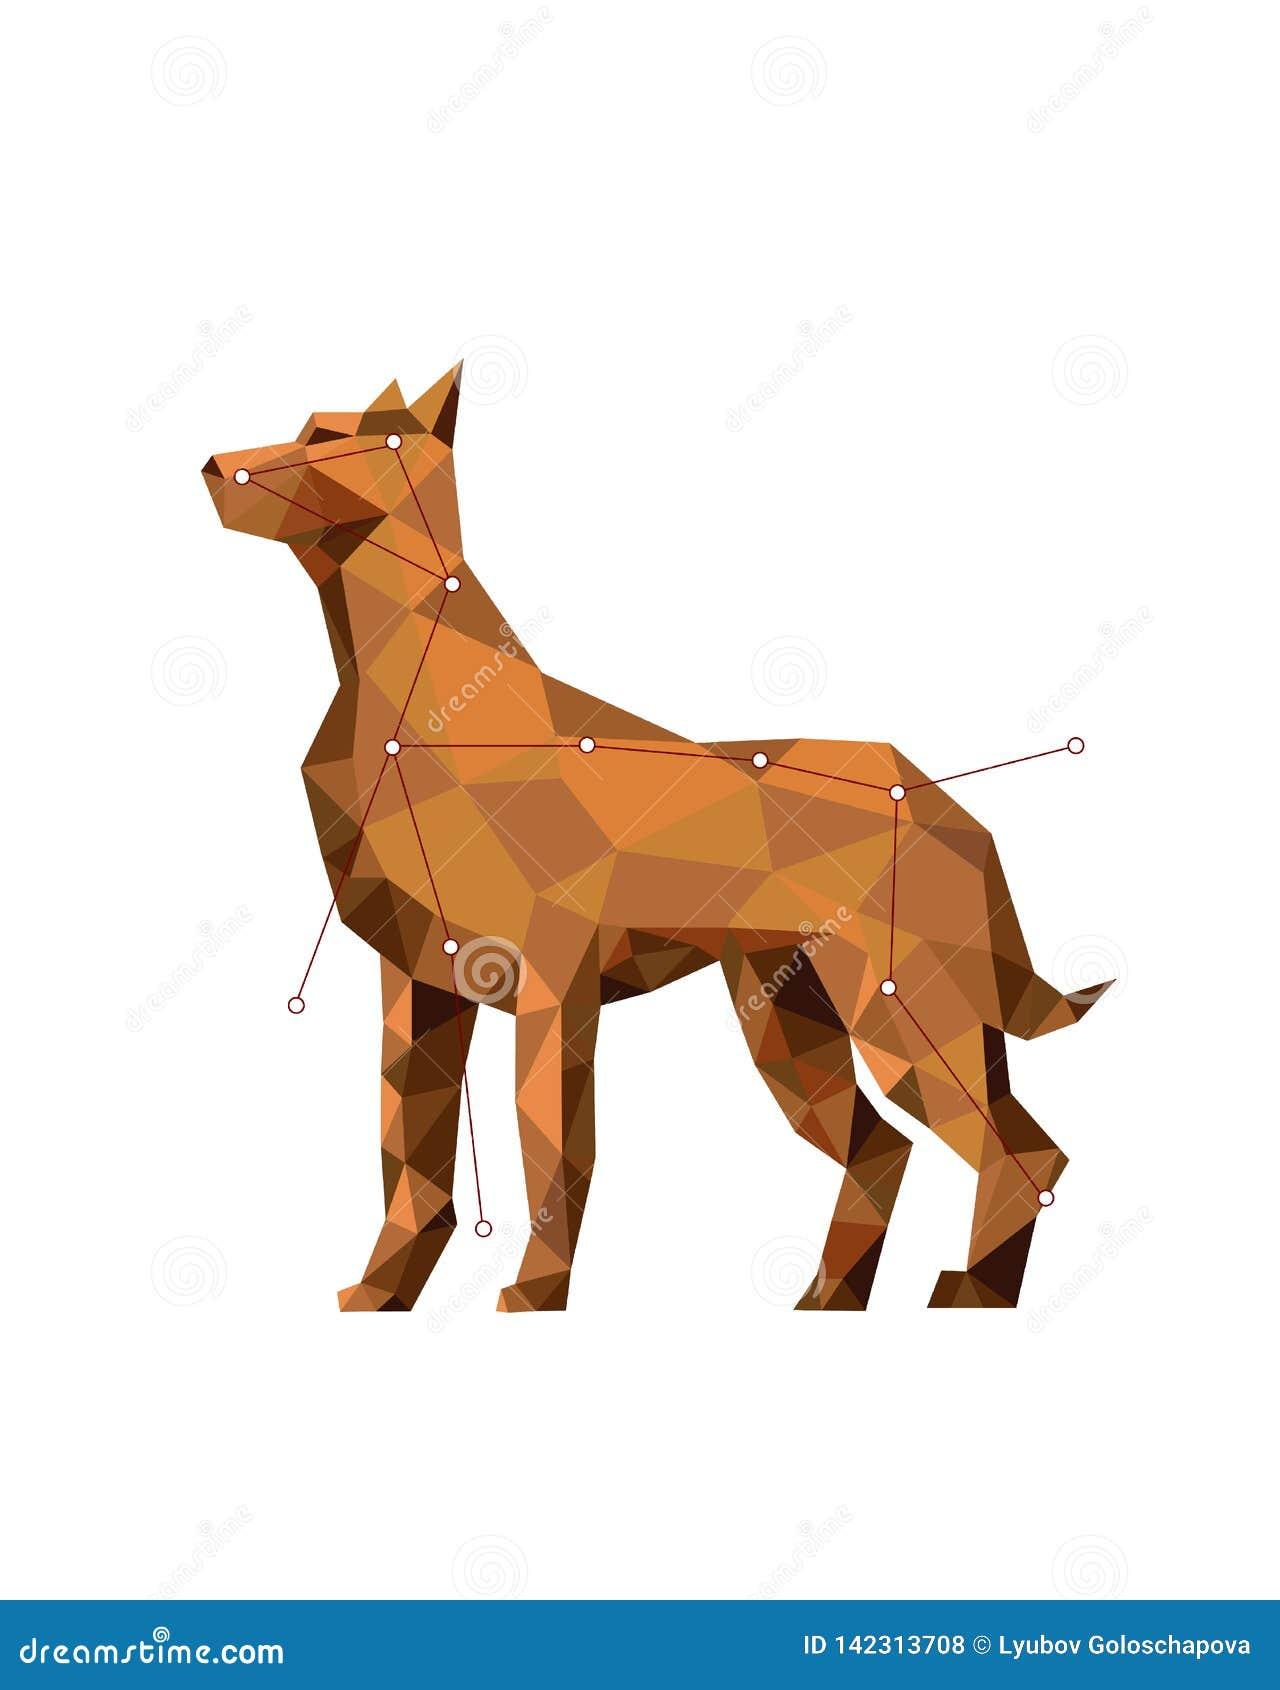 Laag-poly kleurrijke cijferkunst van hond in geometrische stijl